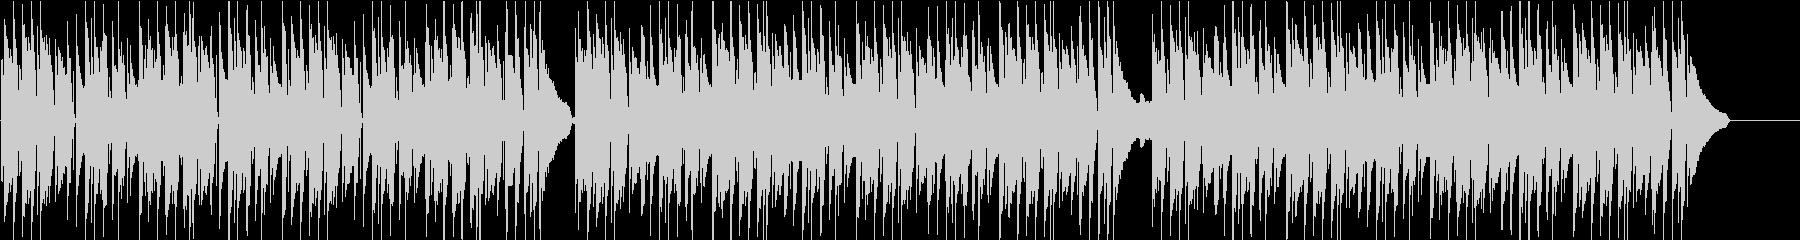 料理・子供・ペット・ほのぼのピアノの未再生の波形